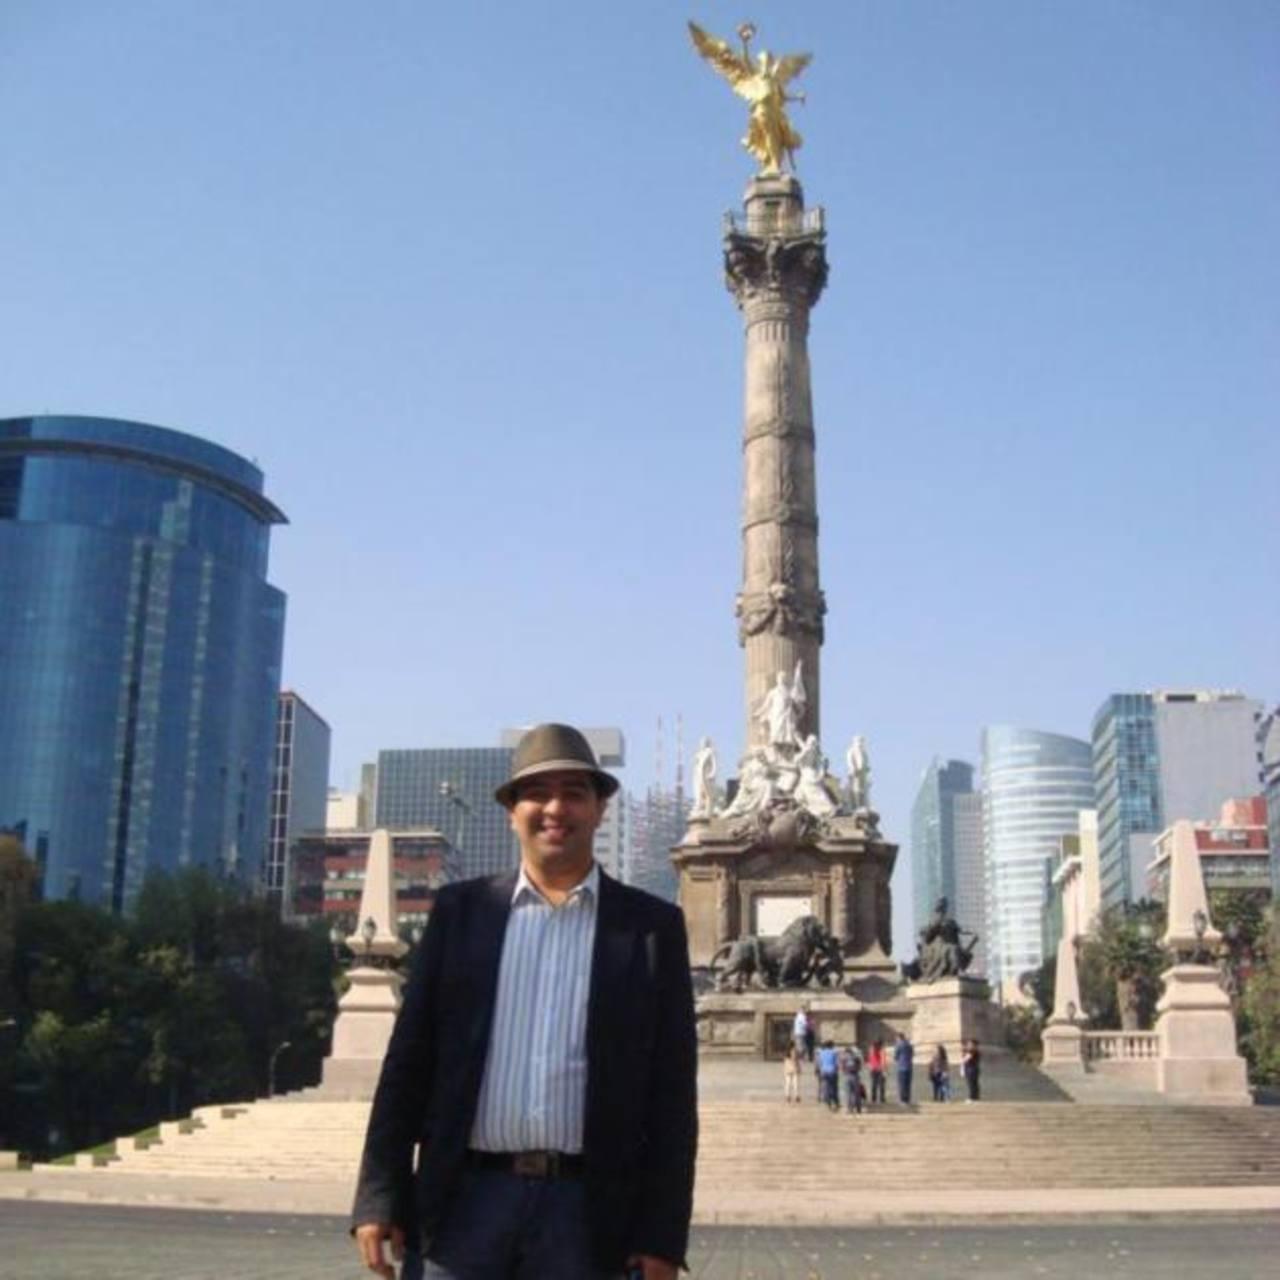 Sarbelio Henríquez durante una visita a México D.F. El joven fue muy emprendedor y creativo.